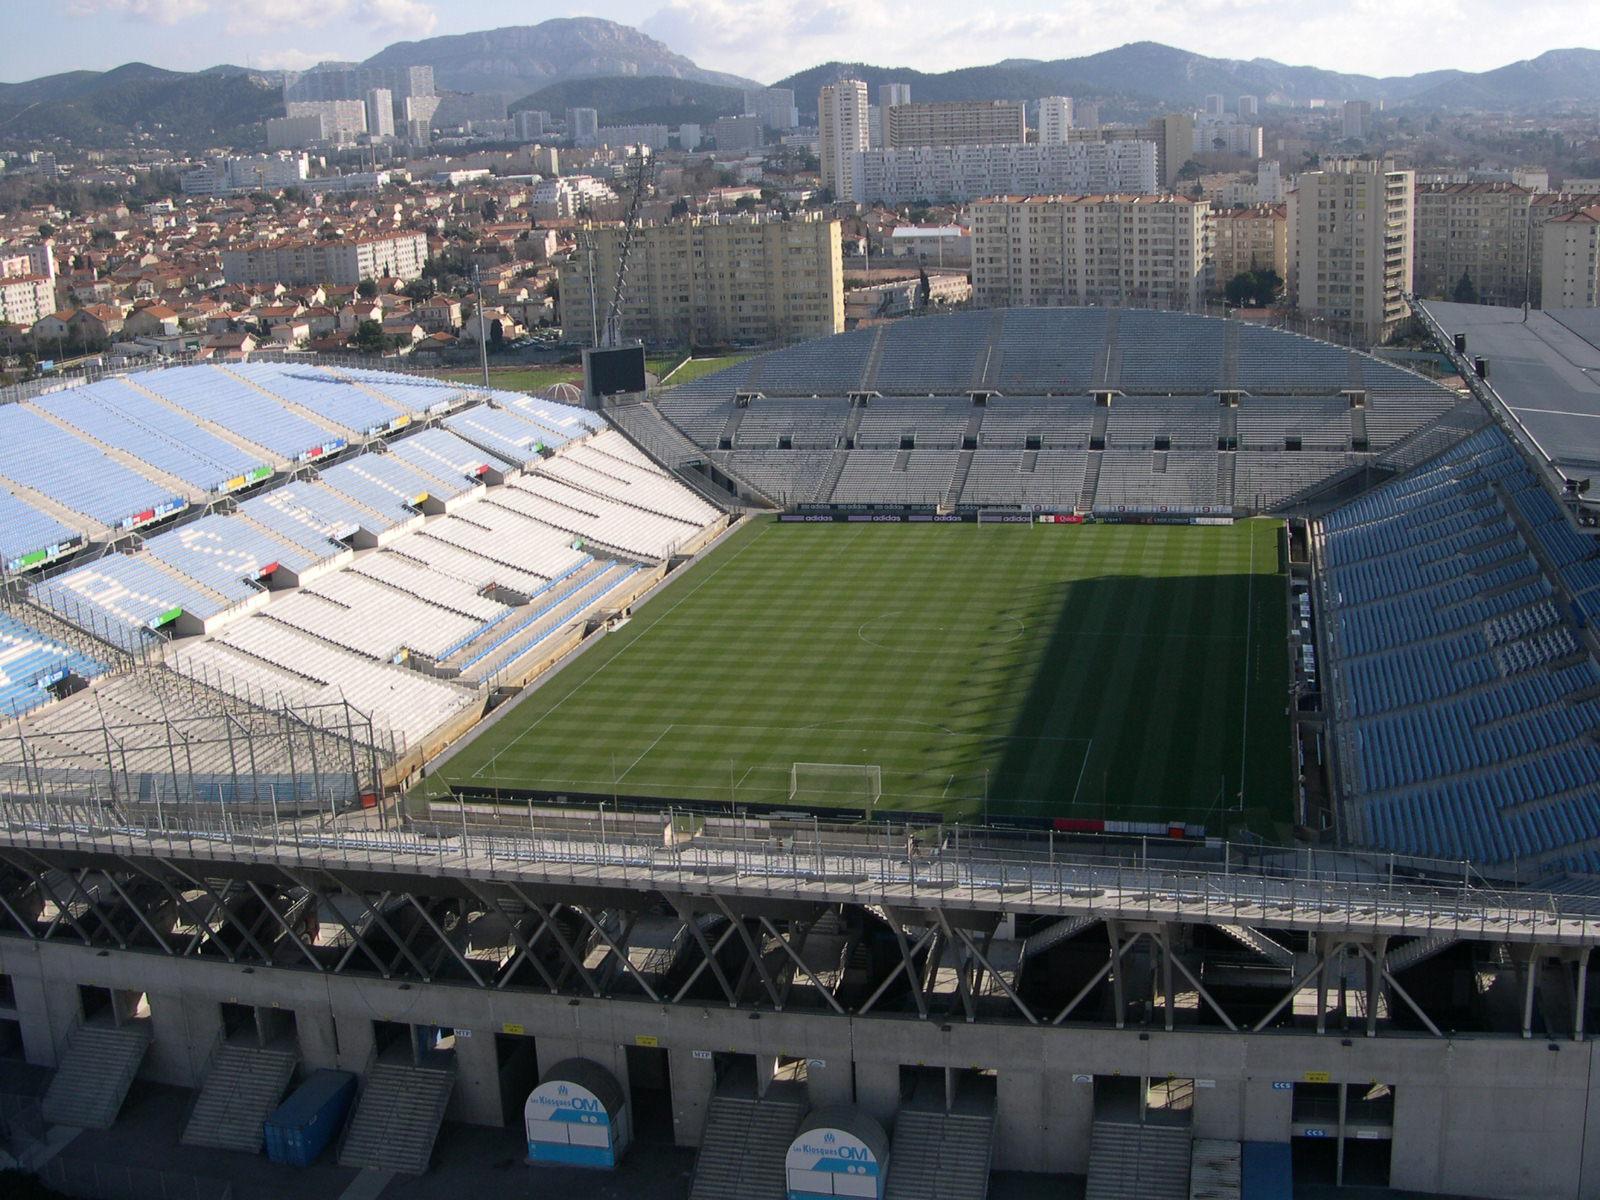 Vue du Stade Vélodrome depuis la Tour France 3.jpg